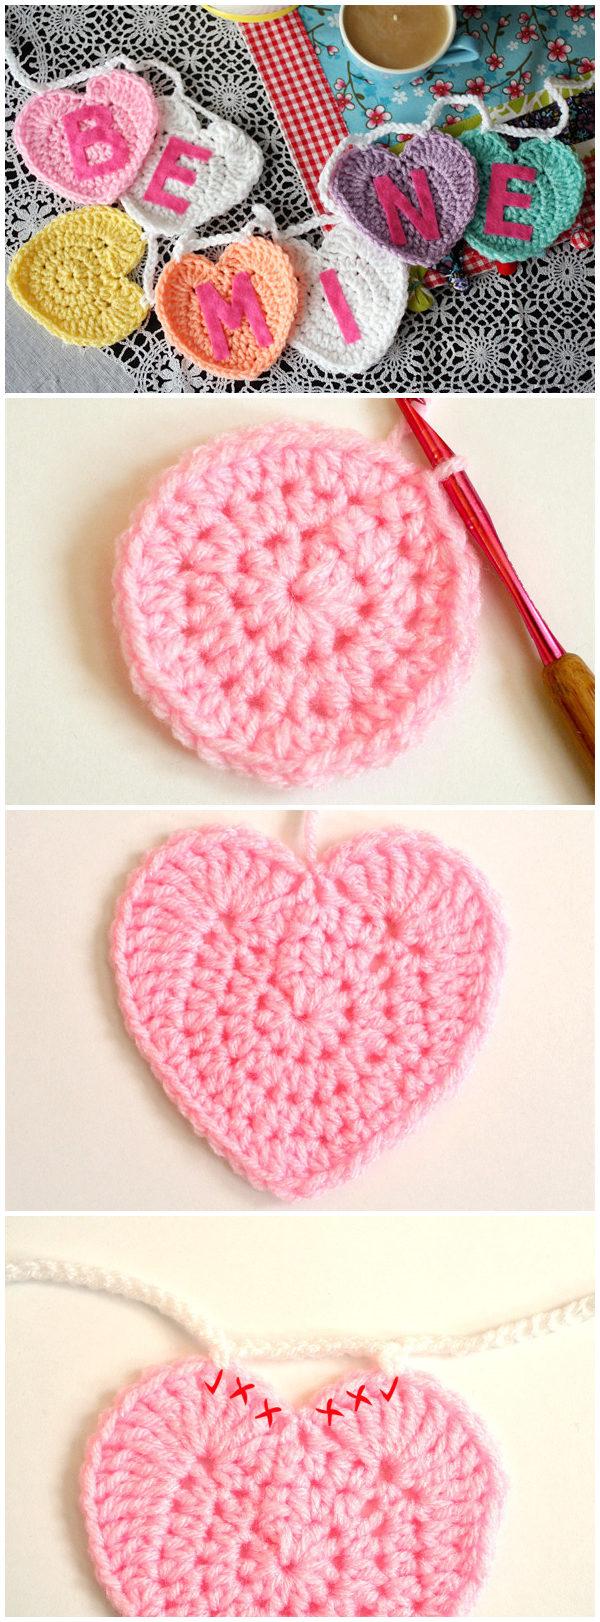 Free Crochet Conversation Heart Garland Pattern